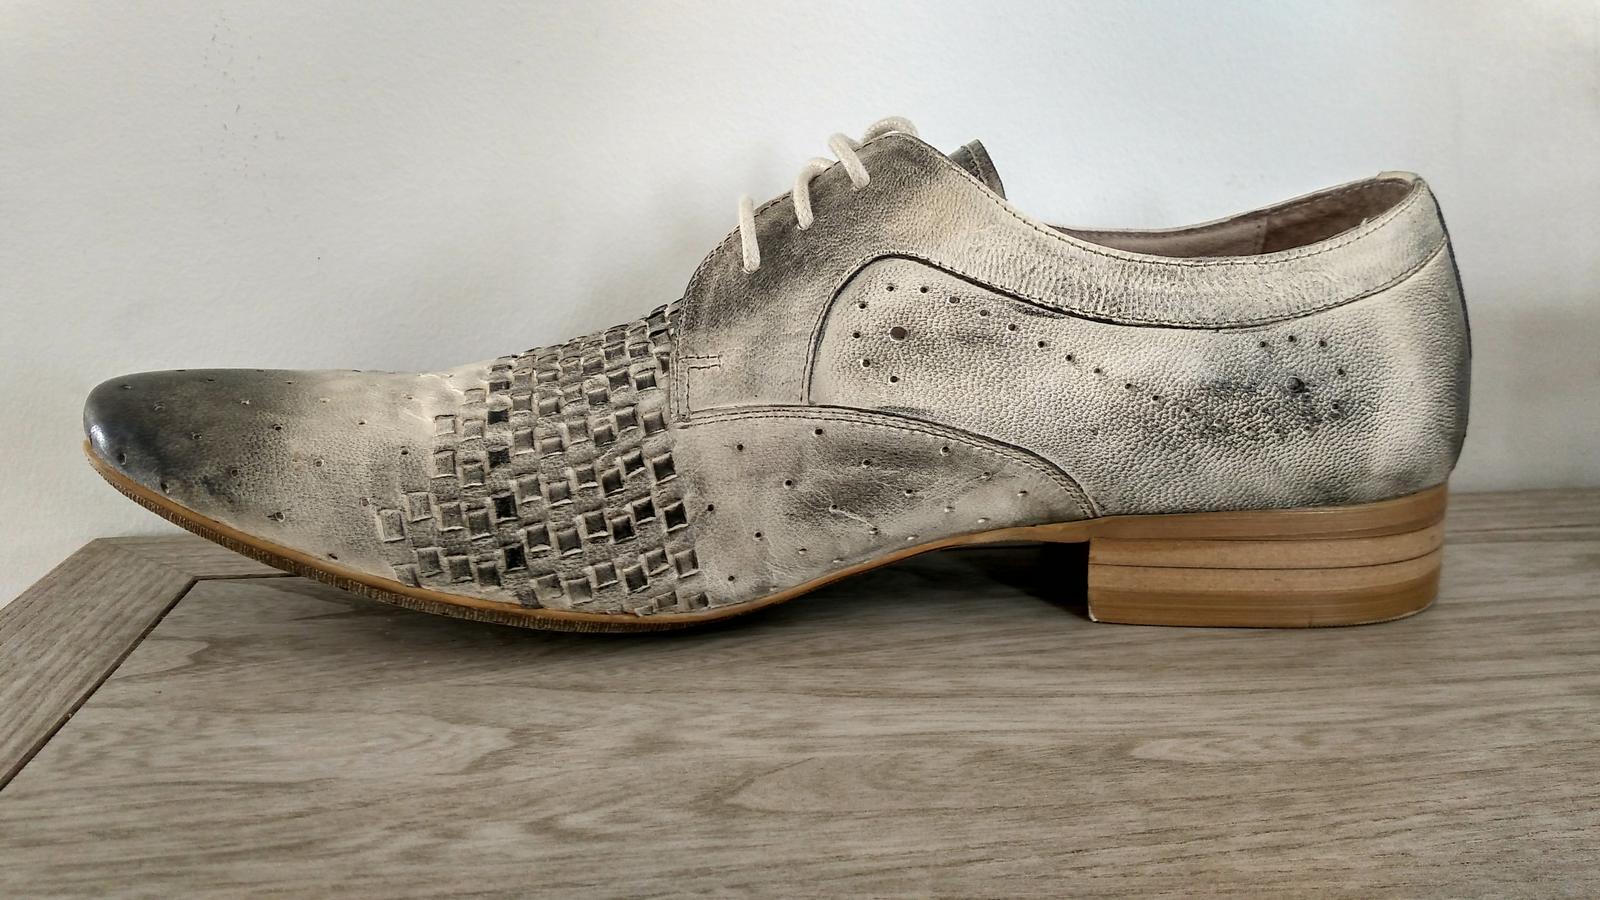 614e4eae1 Pánske spoločenské topánky, 42 - 25 €   Svadobný bazár   Mojasvadba.sk